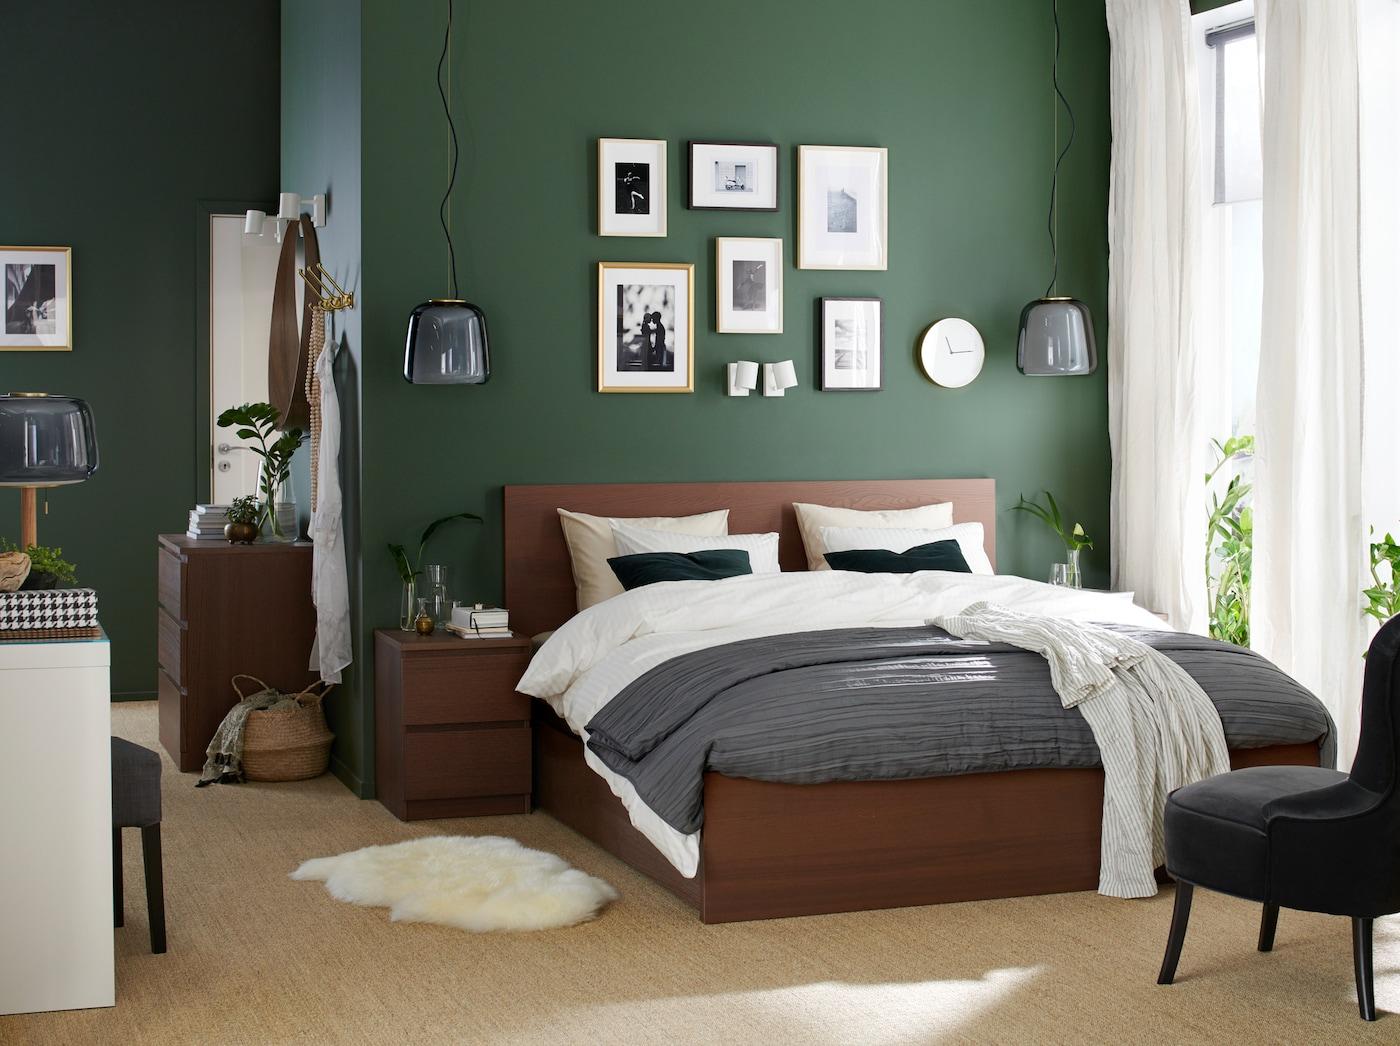 Спальня с кроватью, туалетным столиком белого цвета и серым креслом. Каркас кровати и прикроватная тумба выполнены из покрытого коричневой морилкойясеневого шпона.